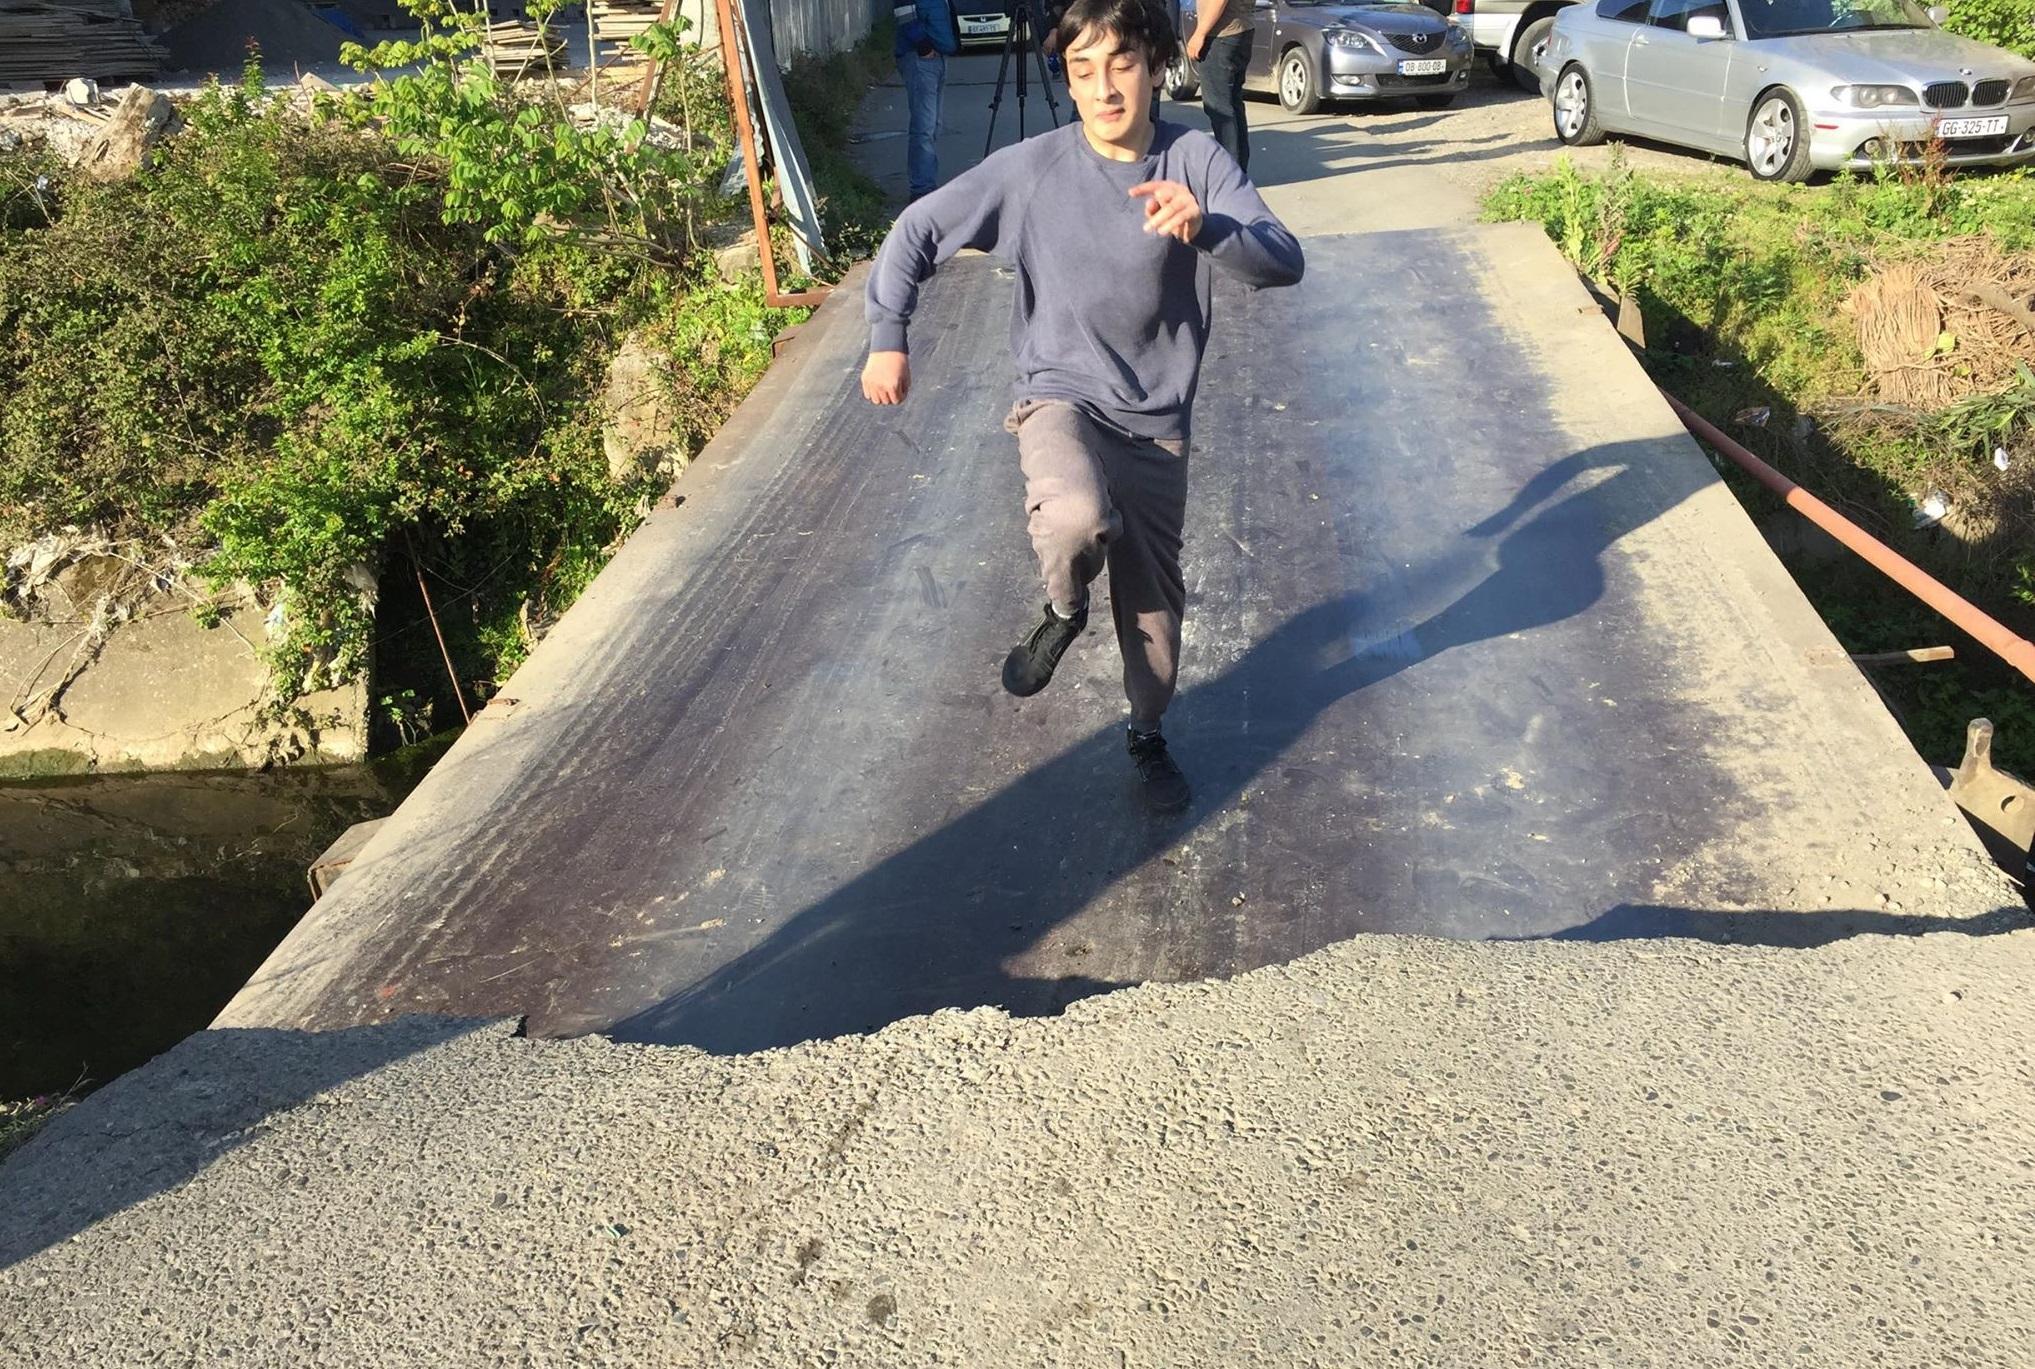 ფრიდონ ხალვაშის ქუჩაზე ხიდი ჩავარდა